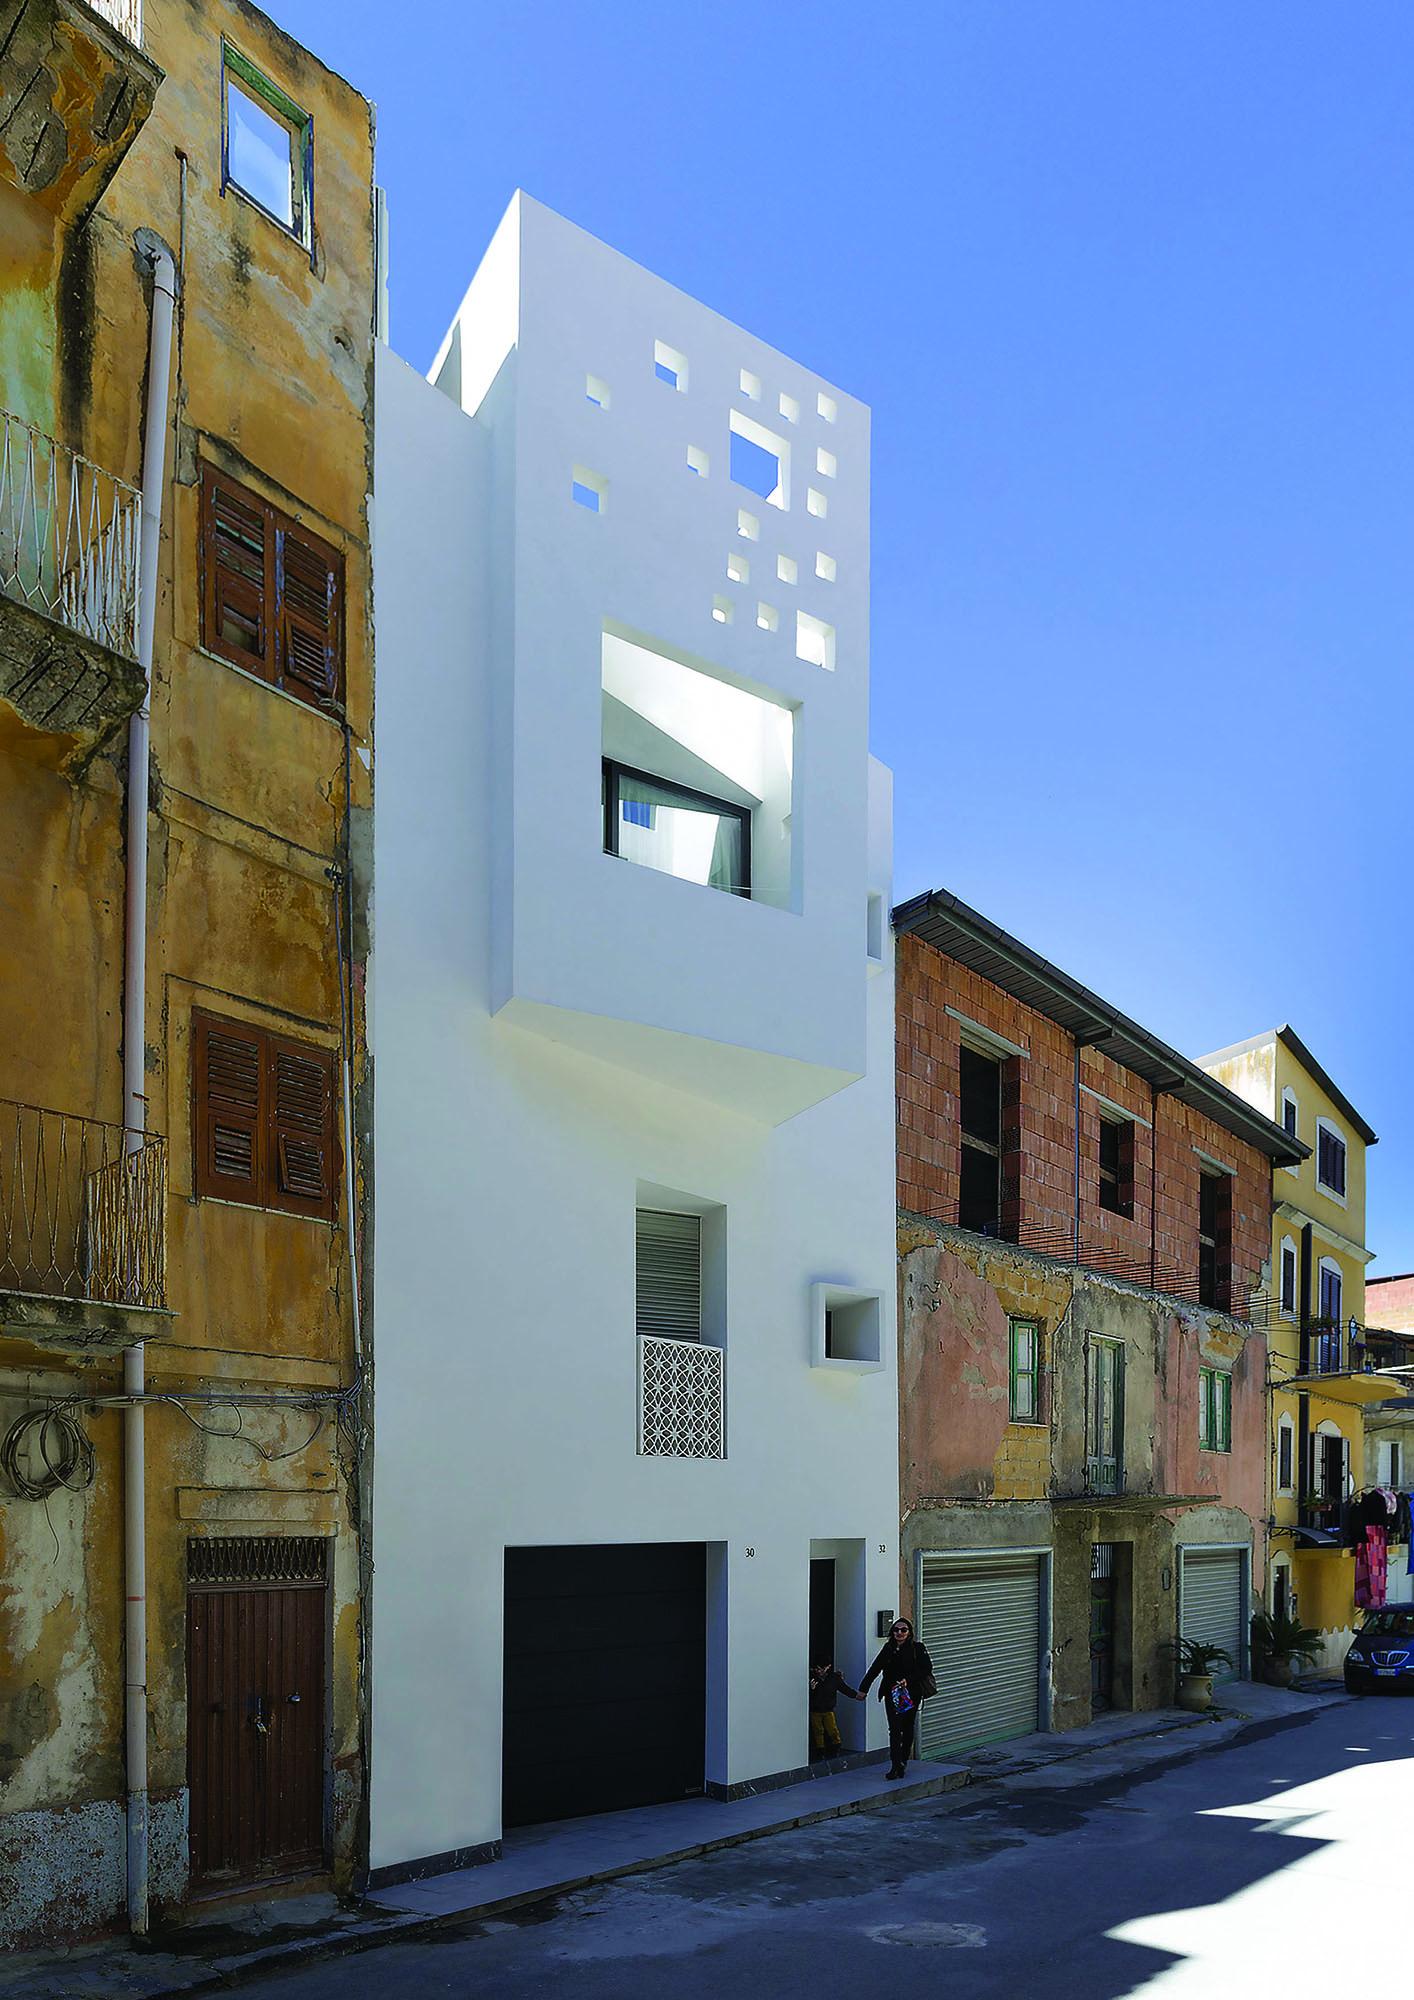 Dettaglio architettonico, la relazione con lo spazio esterno – Architectural detail, the relationship with the outer space